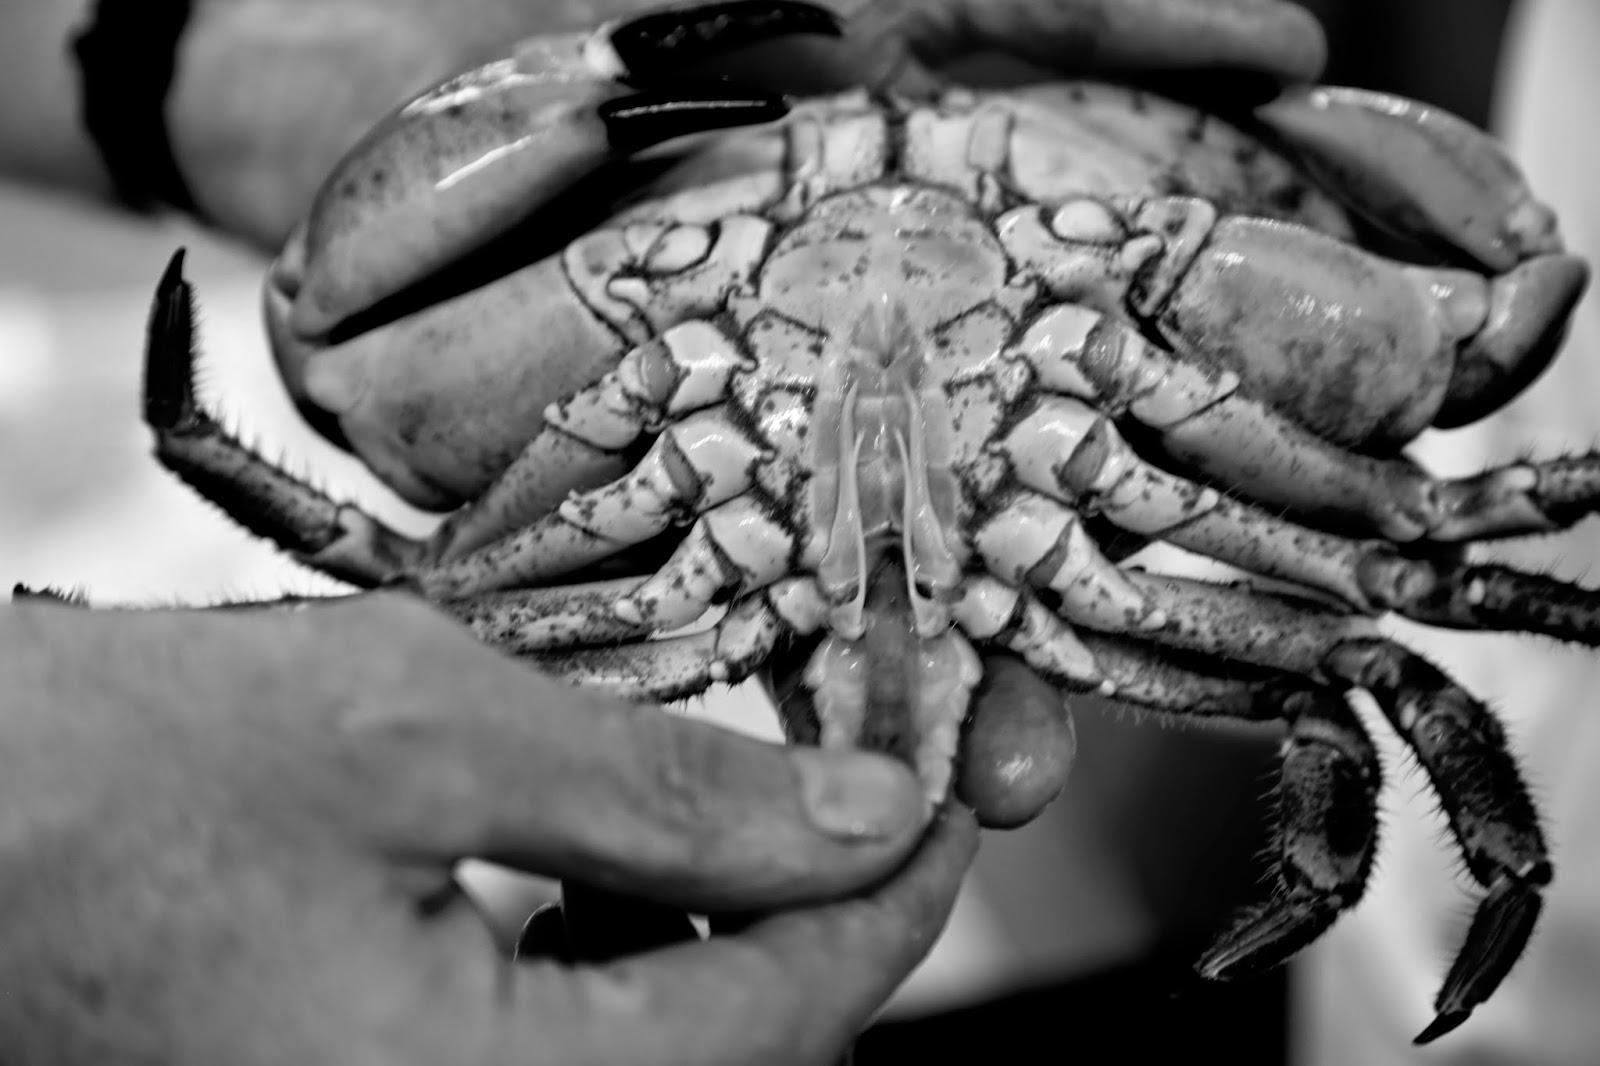 Crab genitals